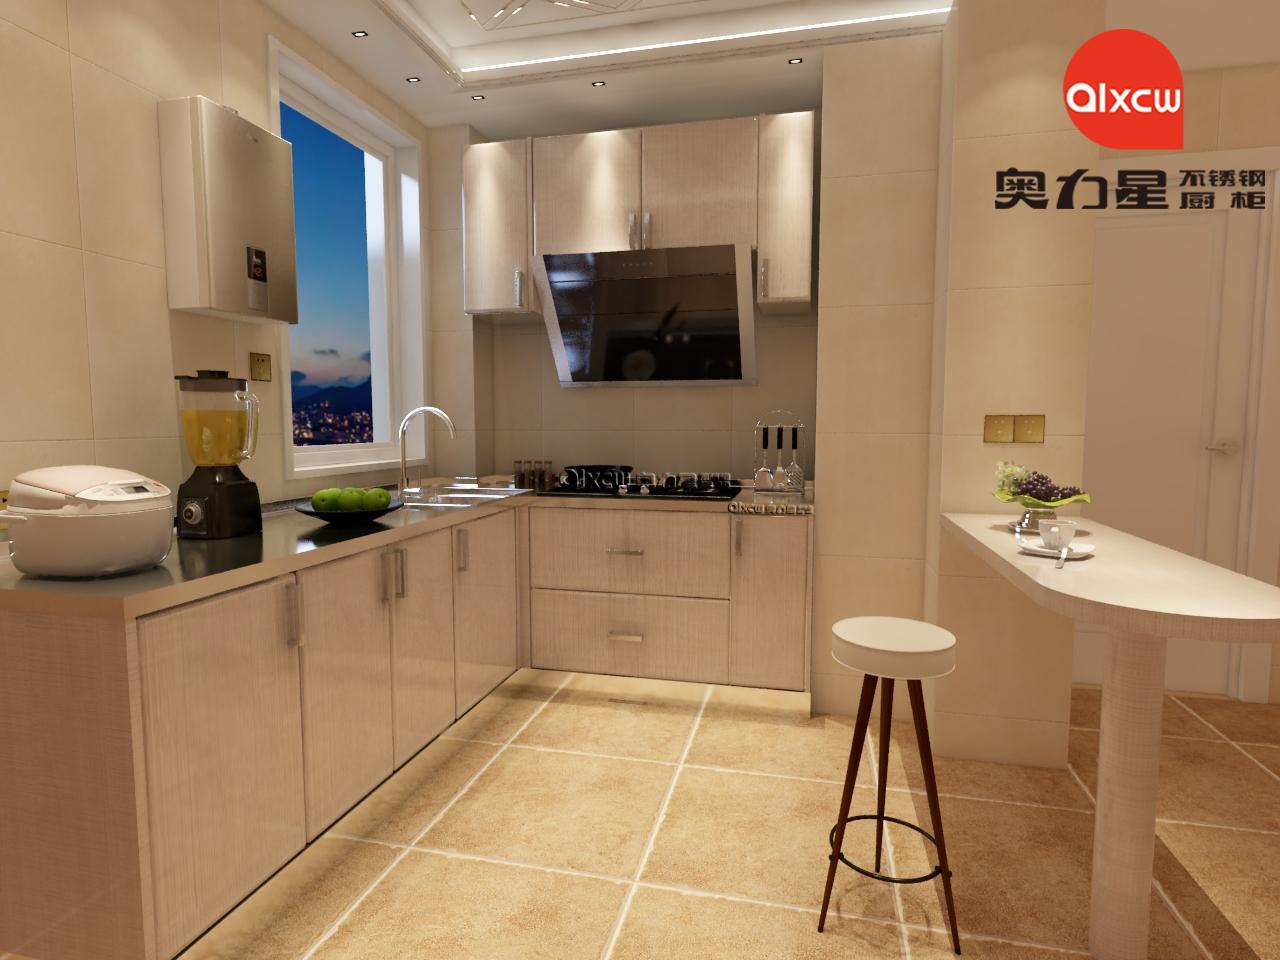 厨房照明L型橱柜